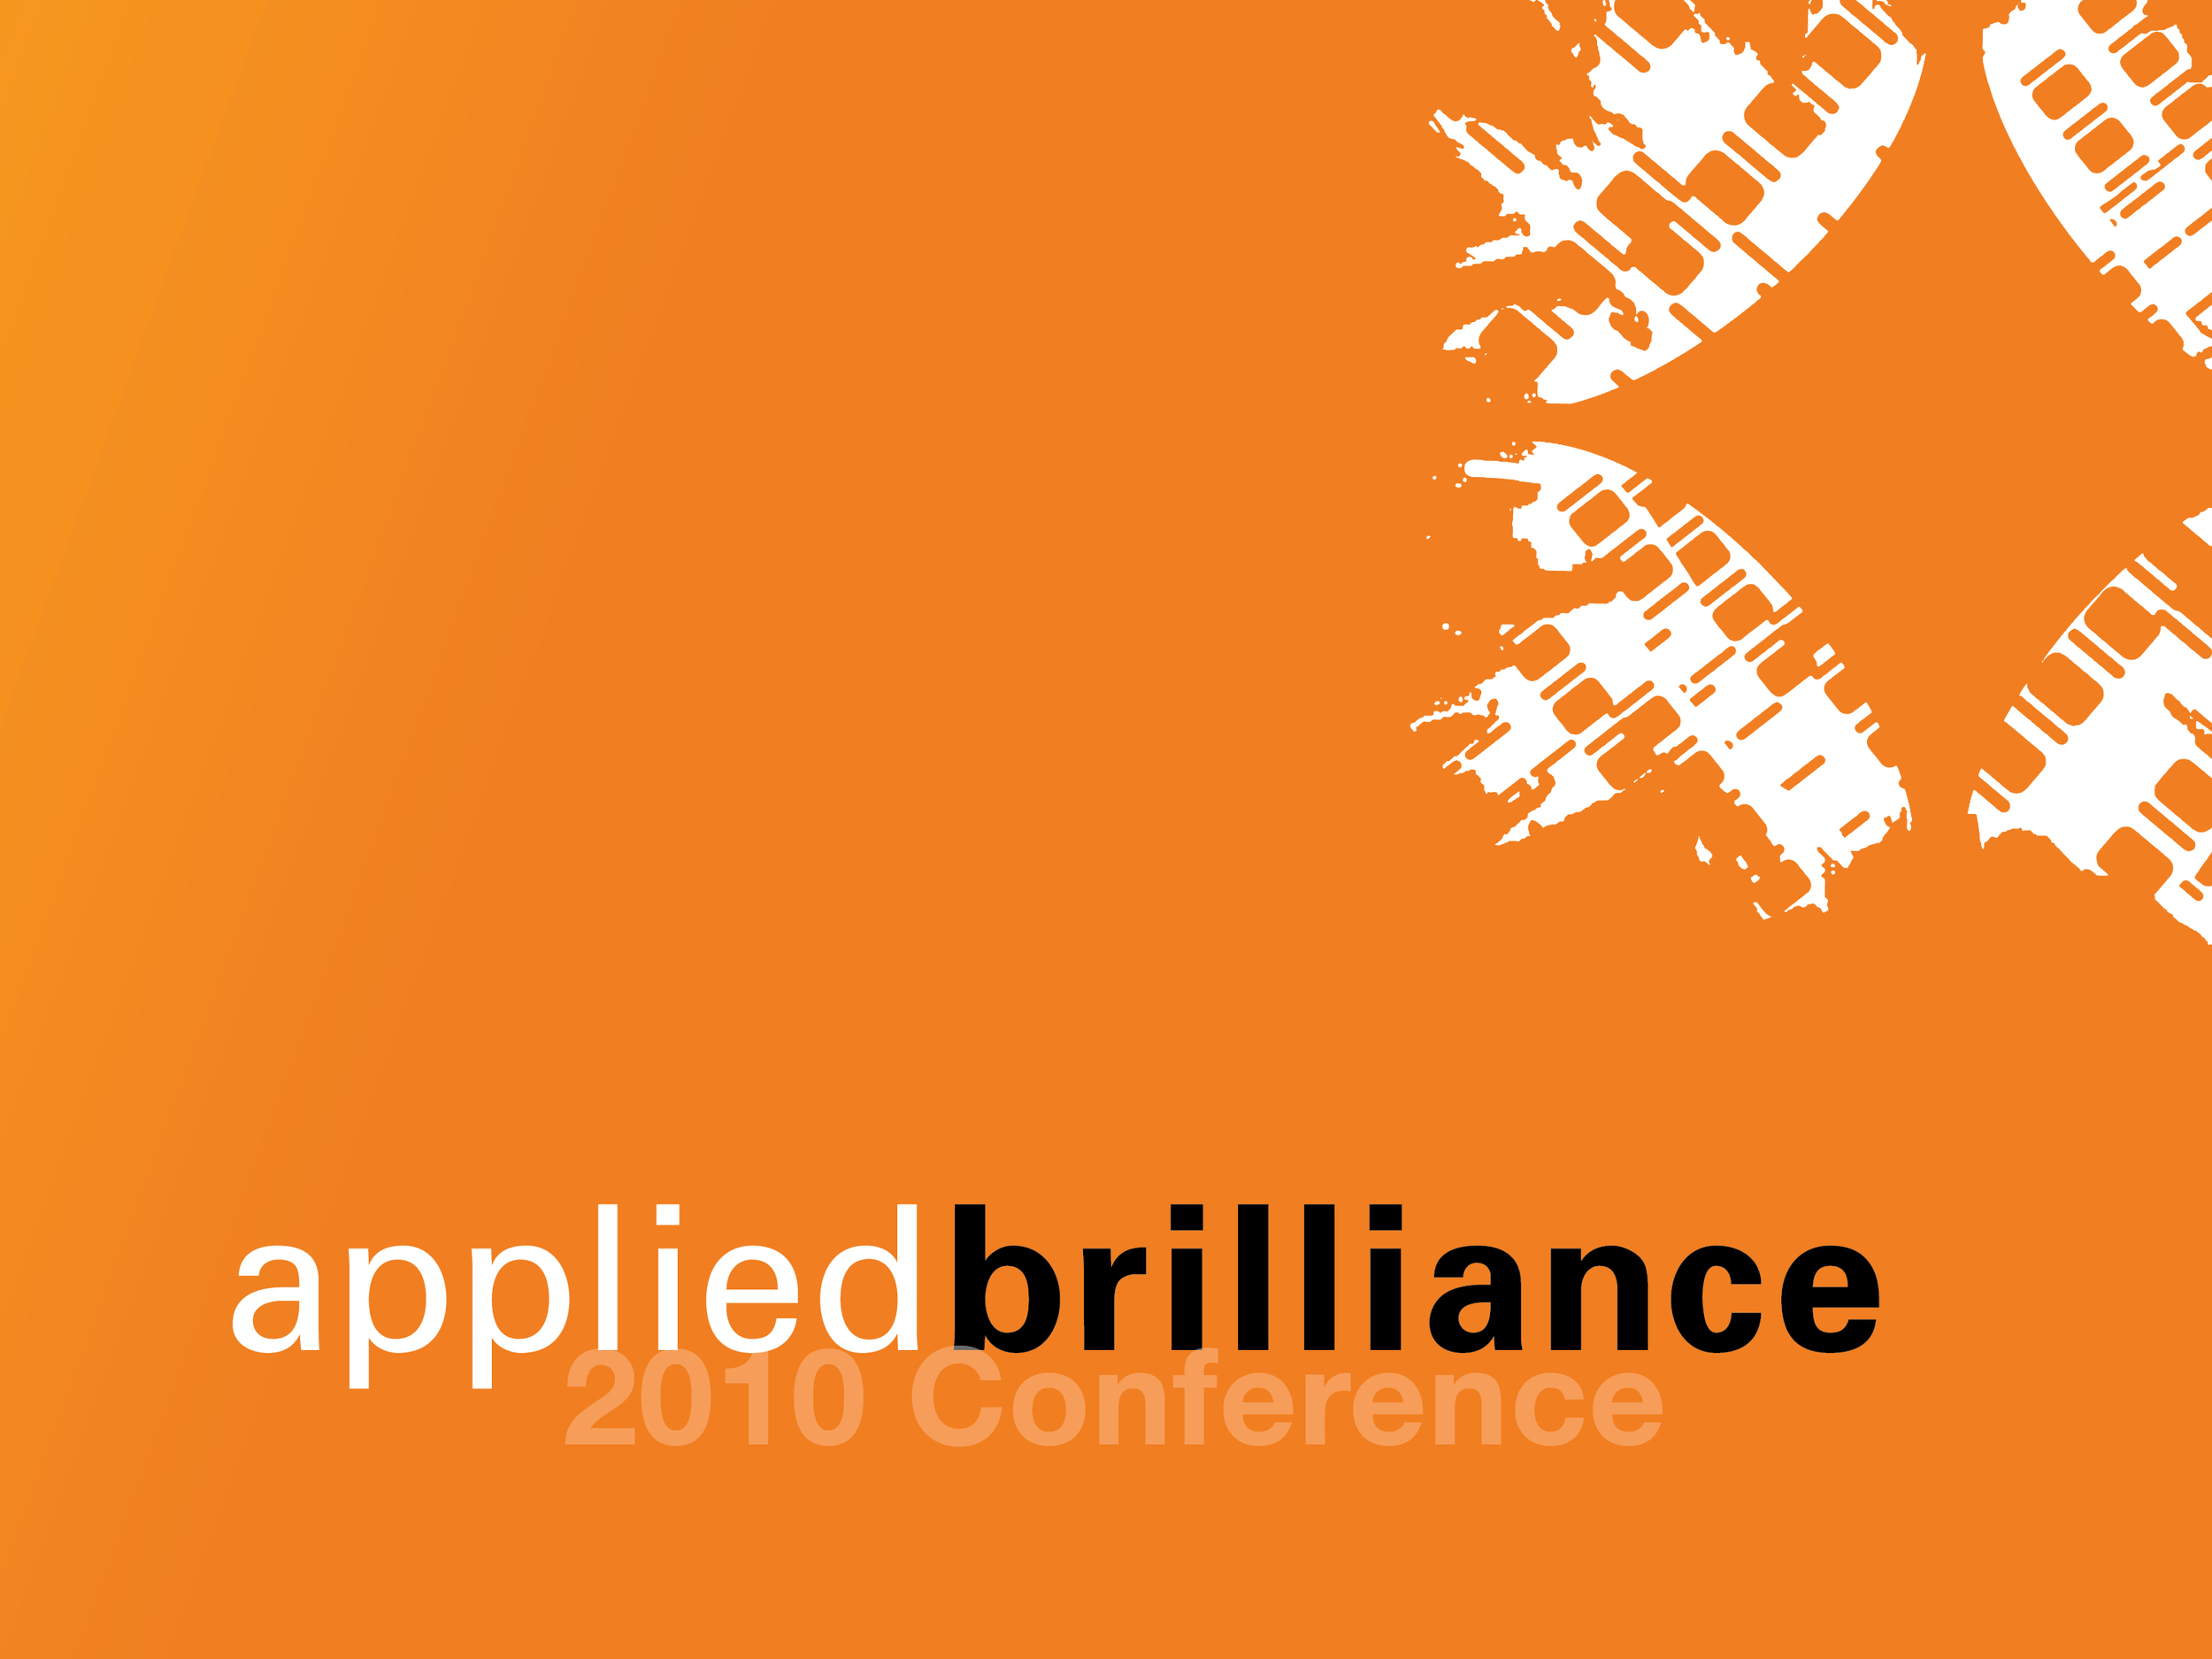 AB 2010 Conference Slides.jpg